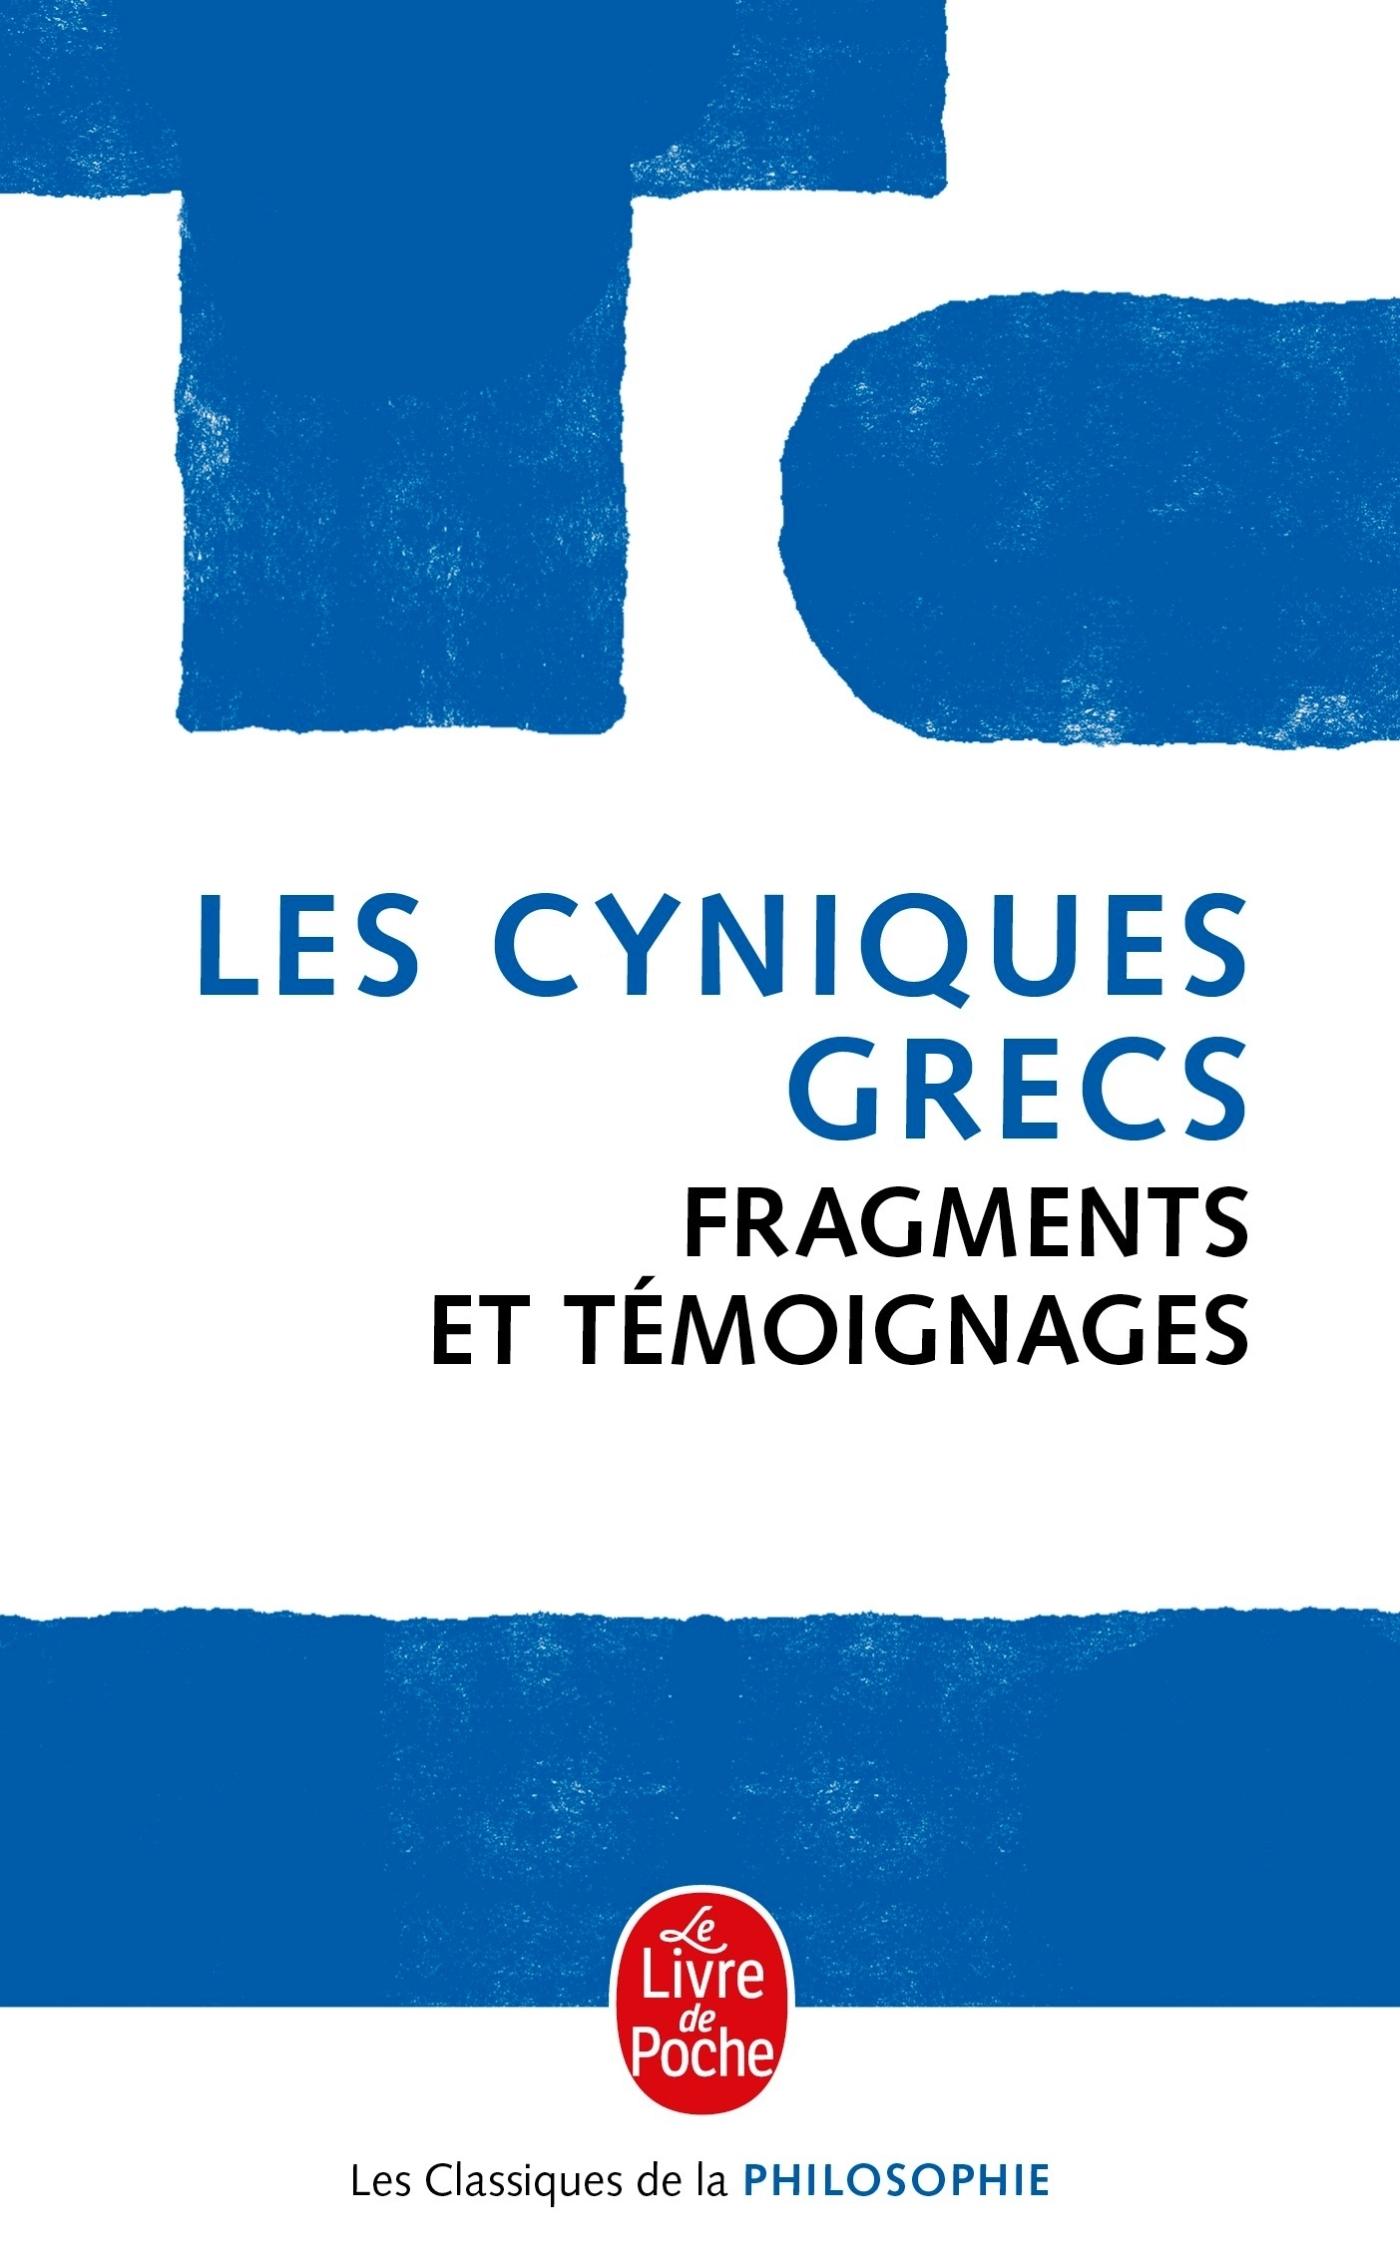 LES CYNIQUES GRECS - FRAGMENTS ET TEMOIGNAGES